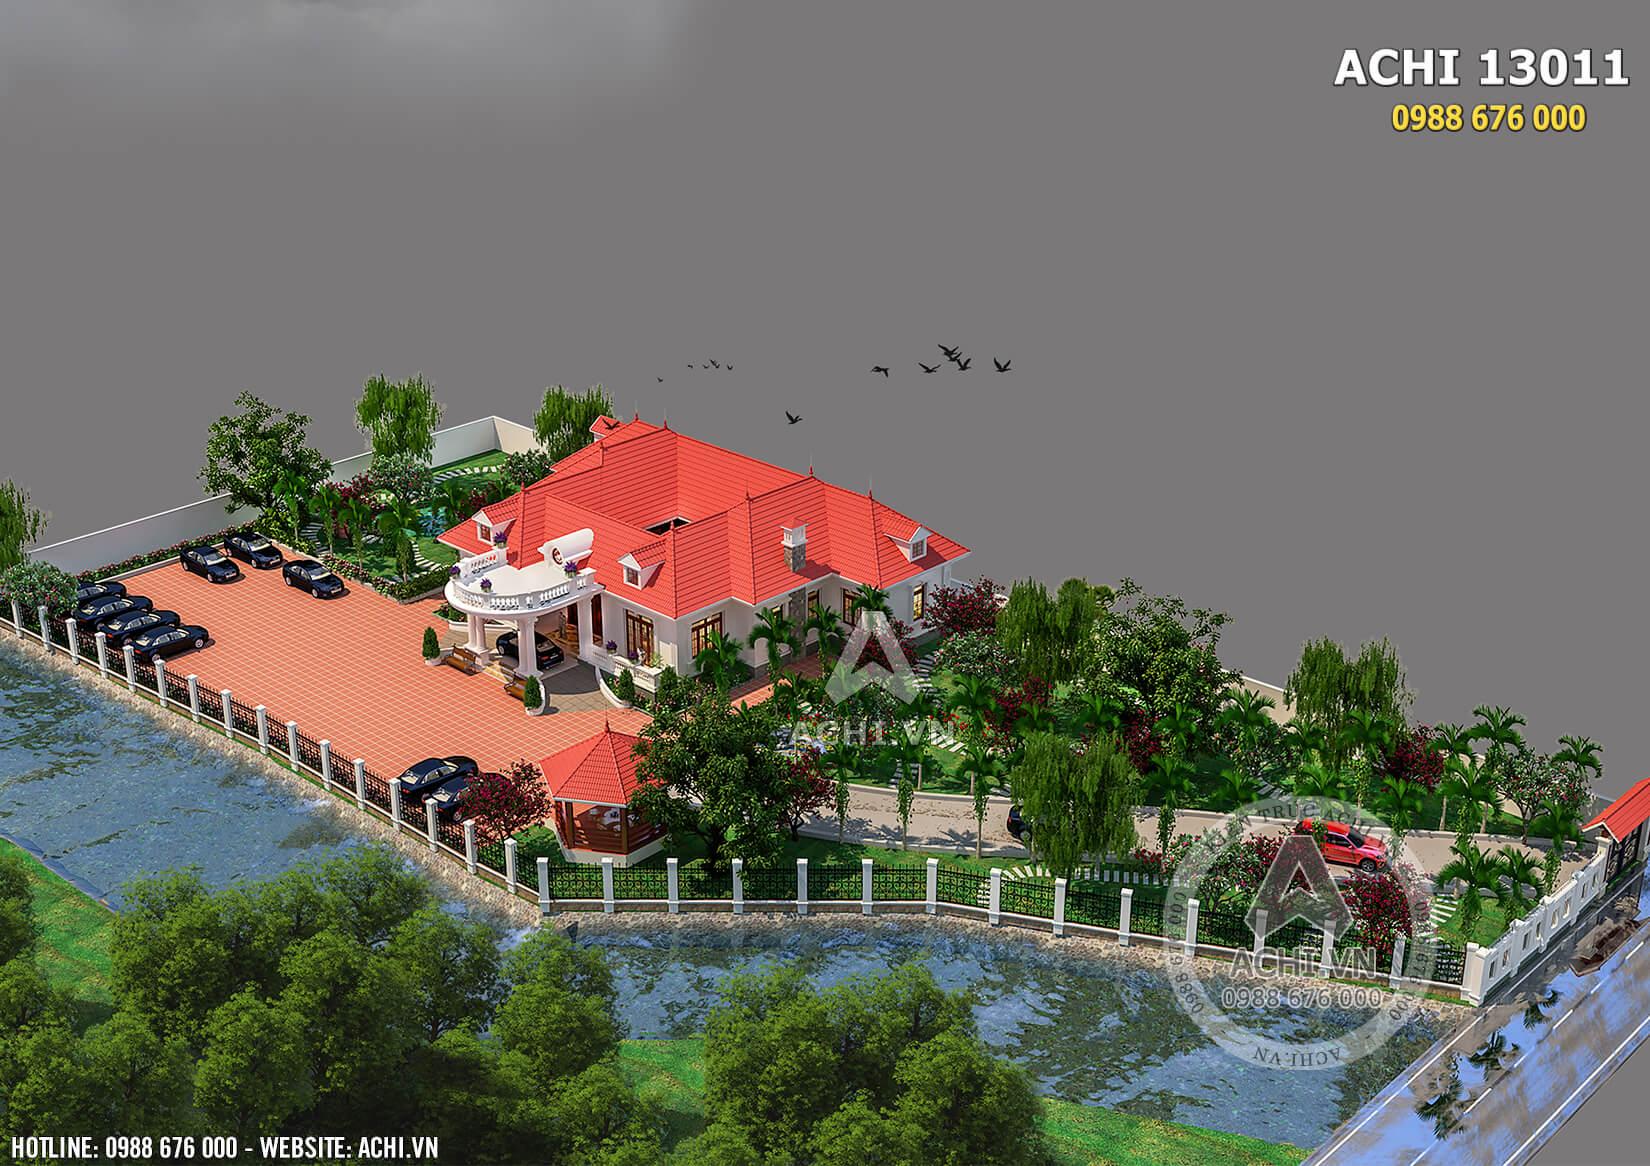 Mẫu thiết kế biệt thự nhà vườn đẹp mái thái 1 tầng nhìn từ trên cao